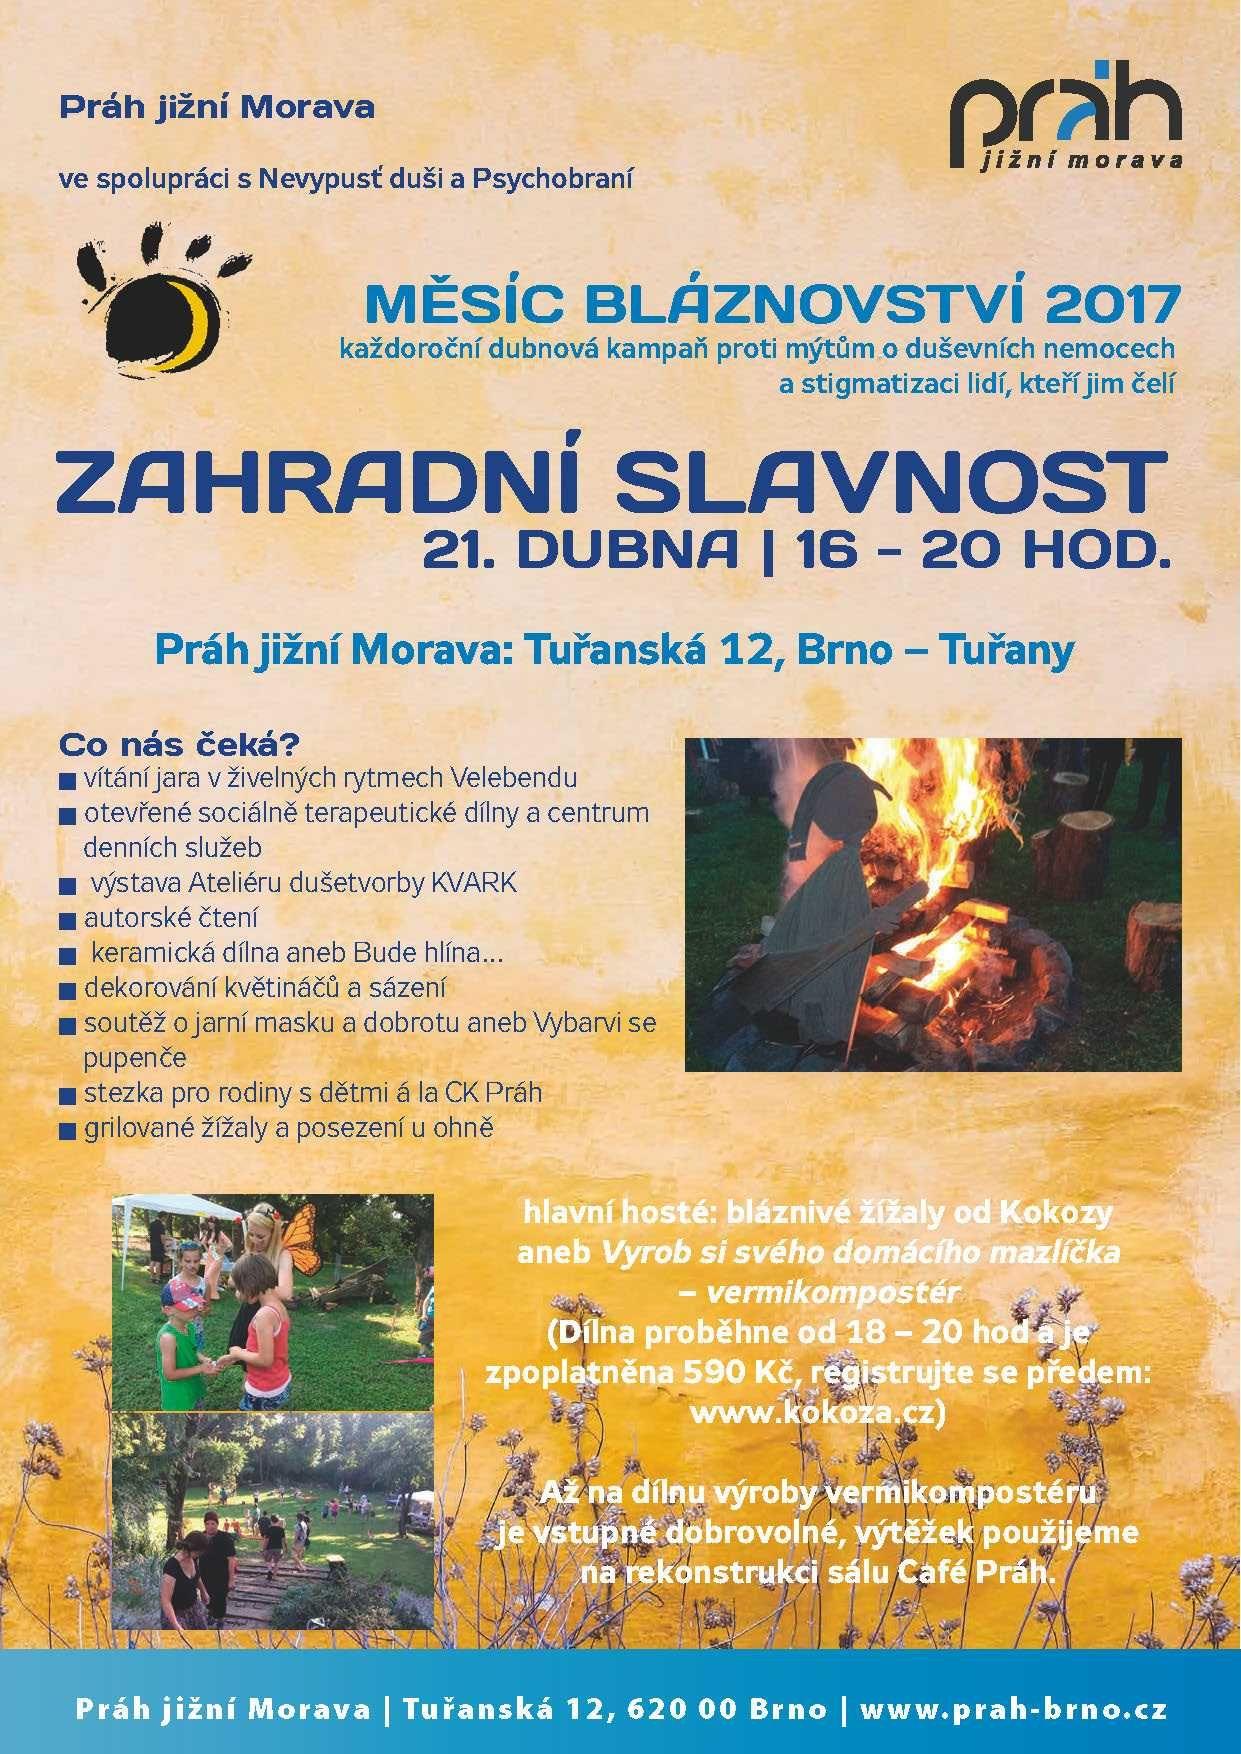 zahradni_slavnost_2017.jpg (1241×1754)